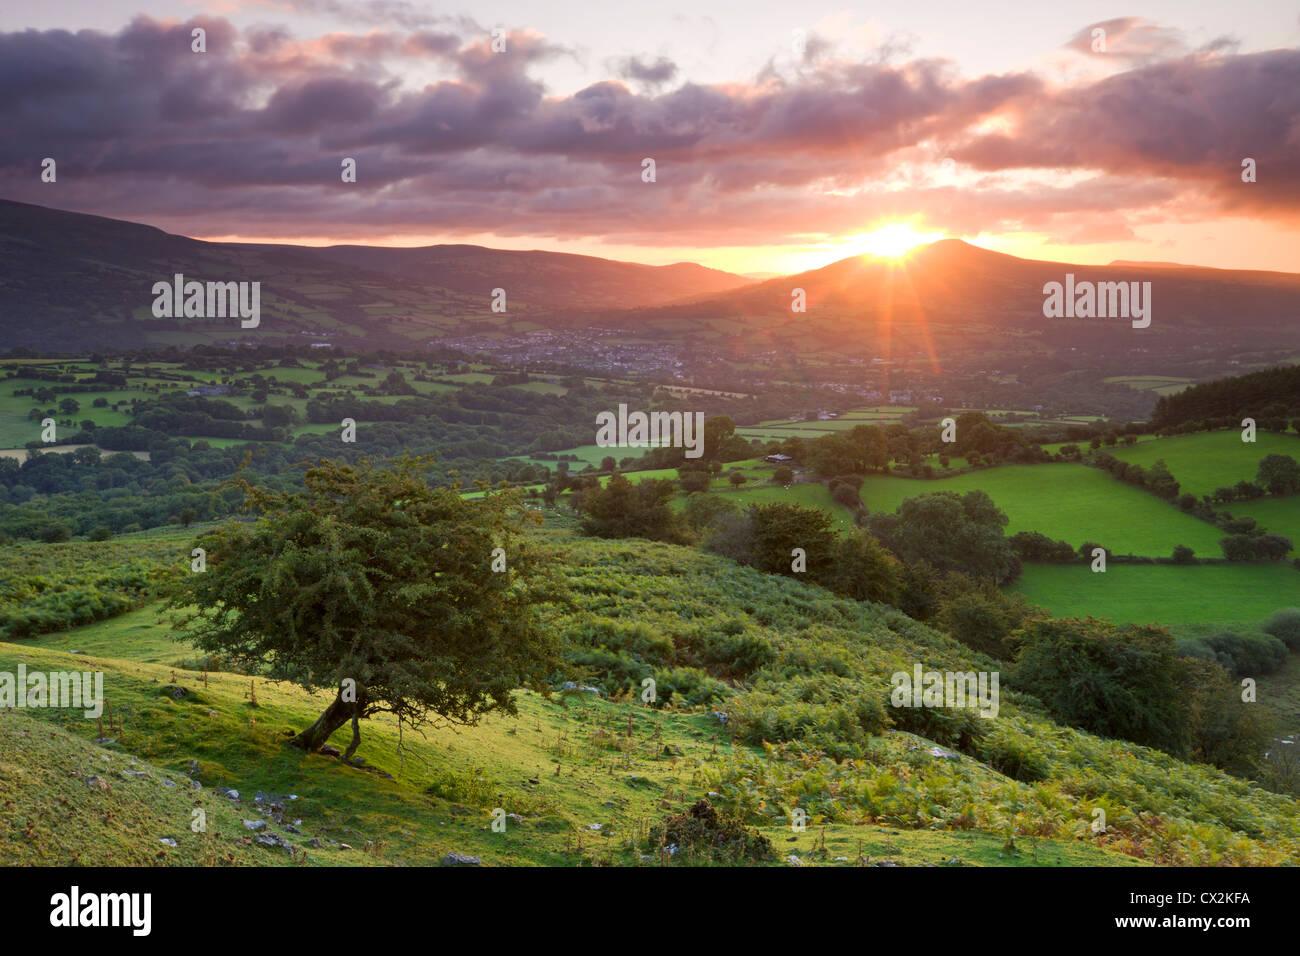 Amanecer sobre el Pan de Azucar y la ciudad de Crickhowell, el Parque Nacional de Brecon Beacons, Powys, Gales. Foto de stock